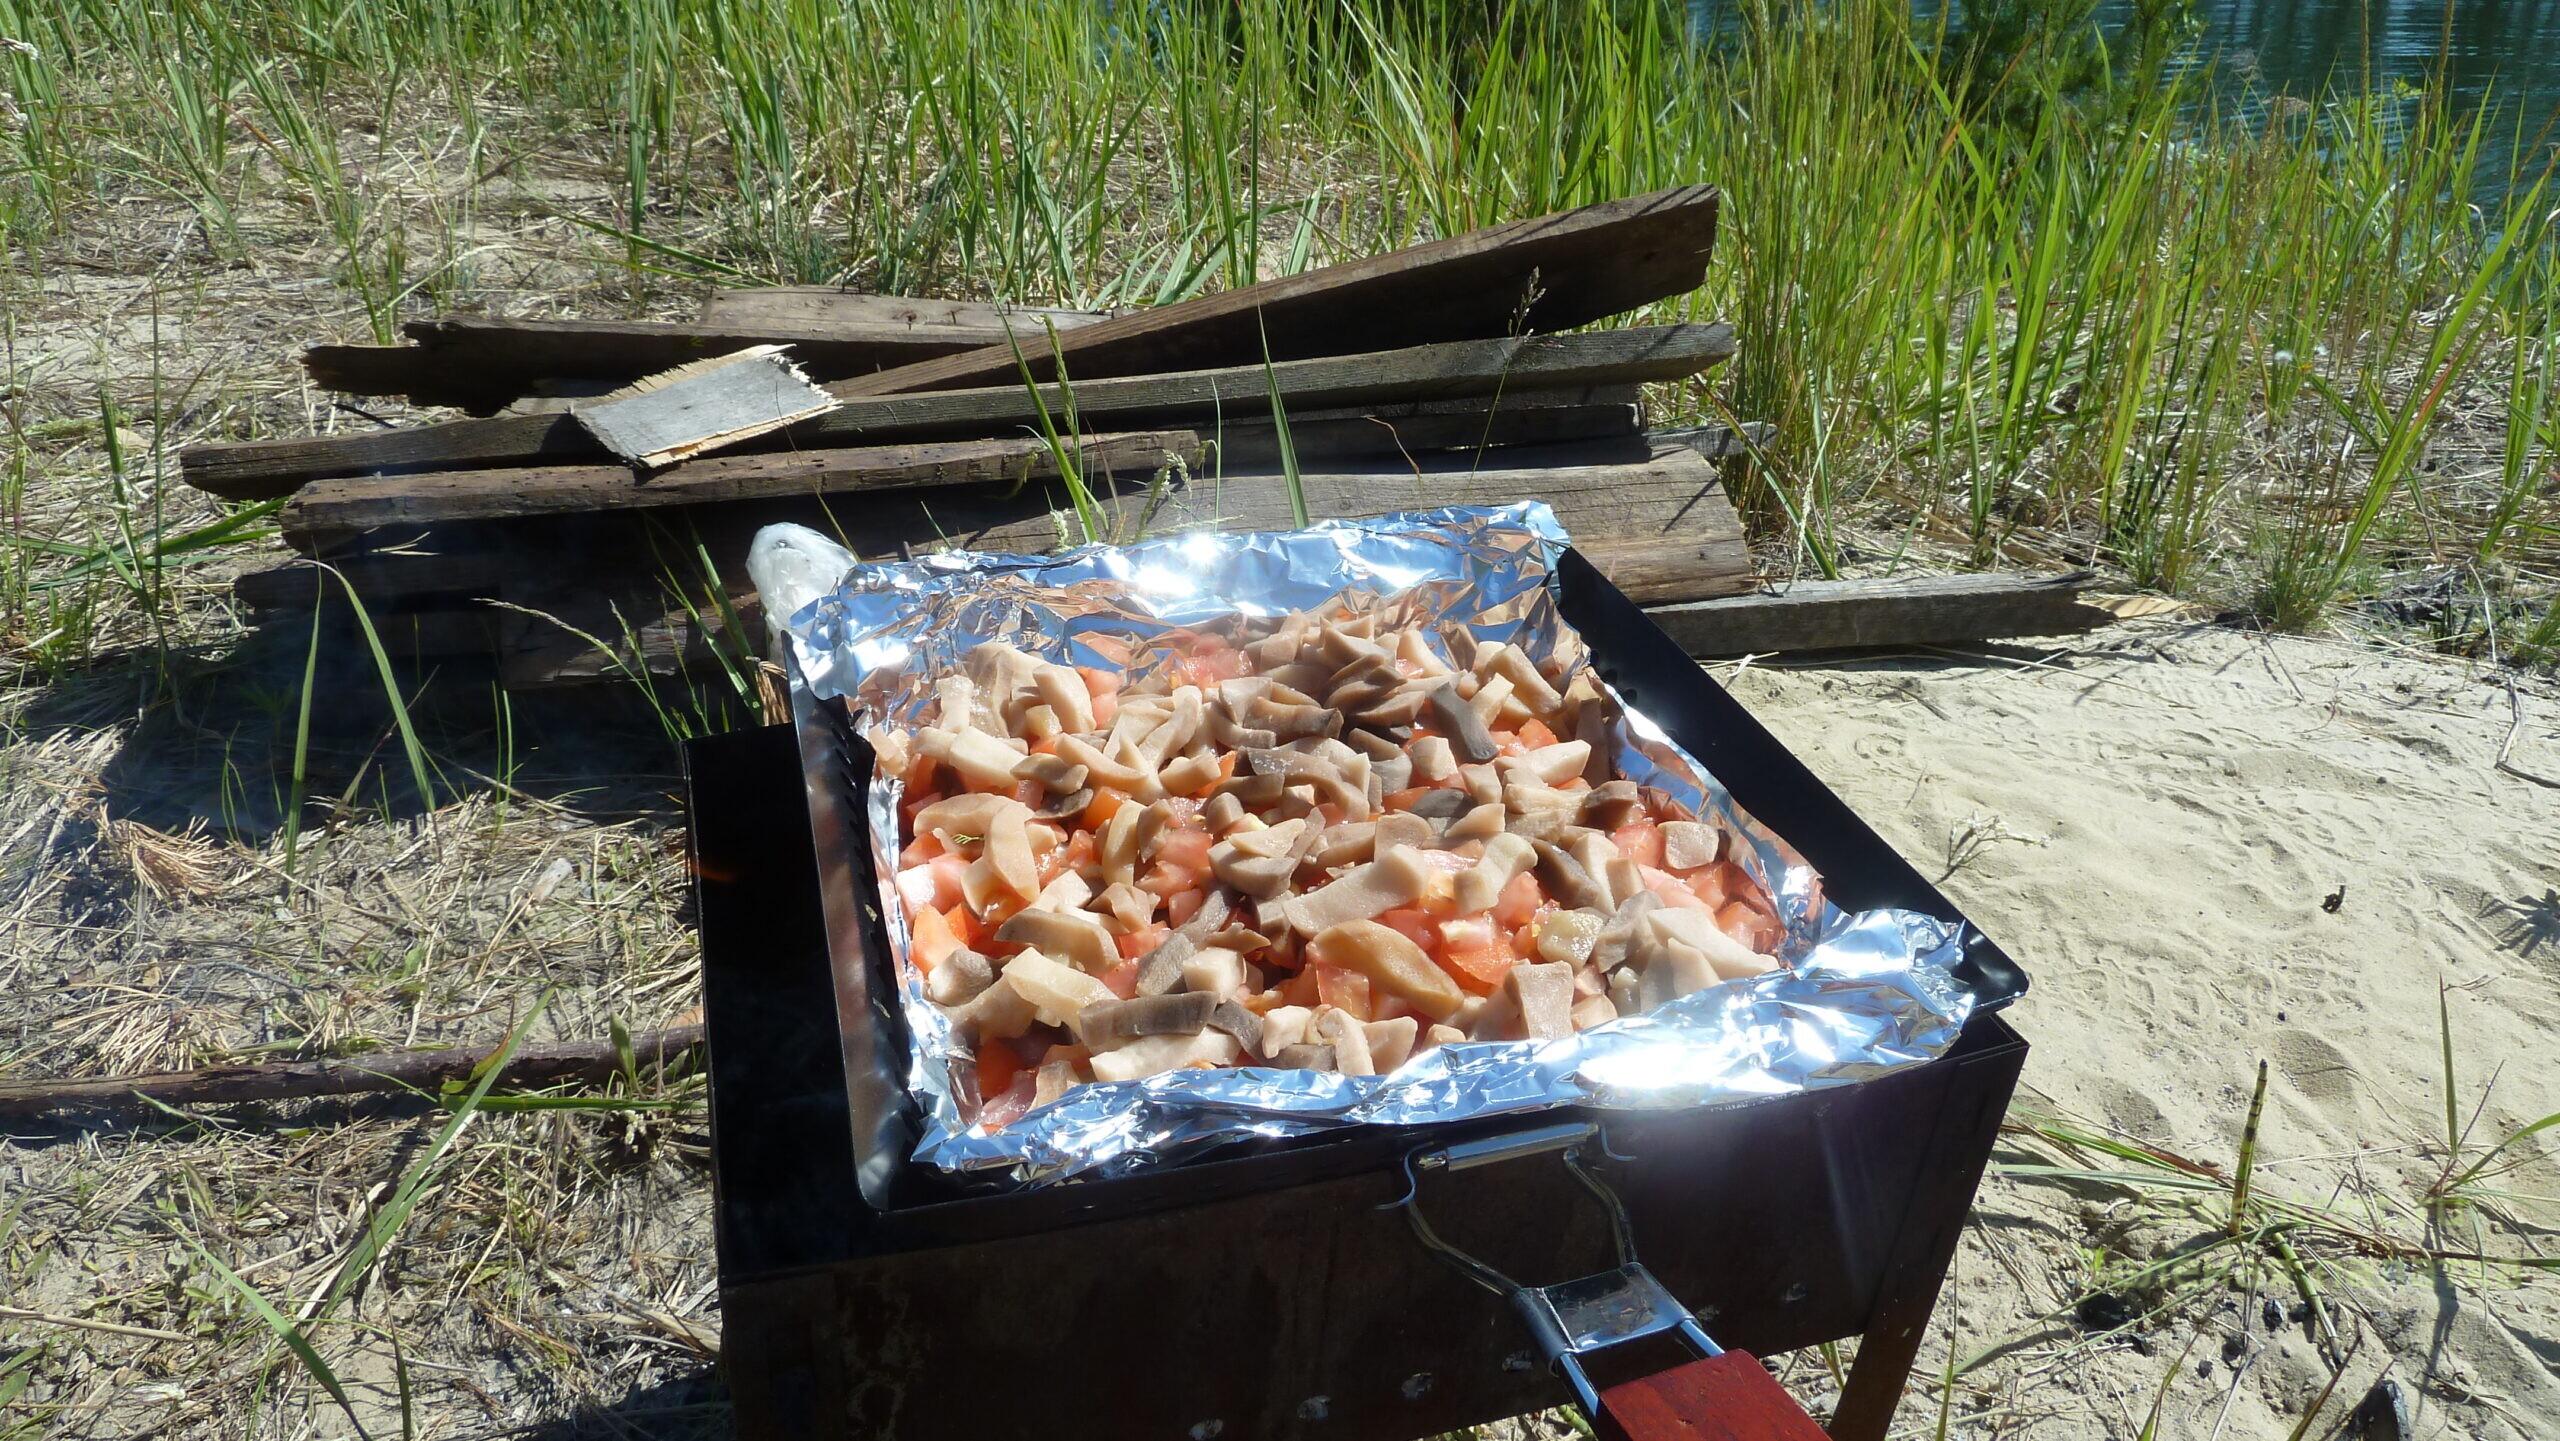 рецепт мяса по лесному отдых туризм костер мангал еда